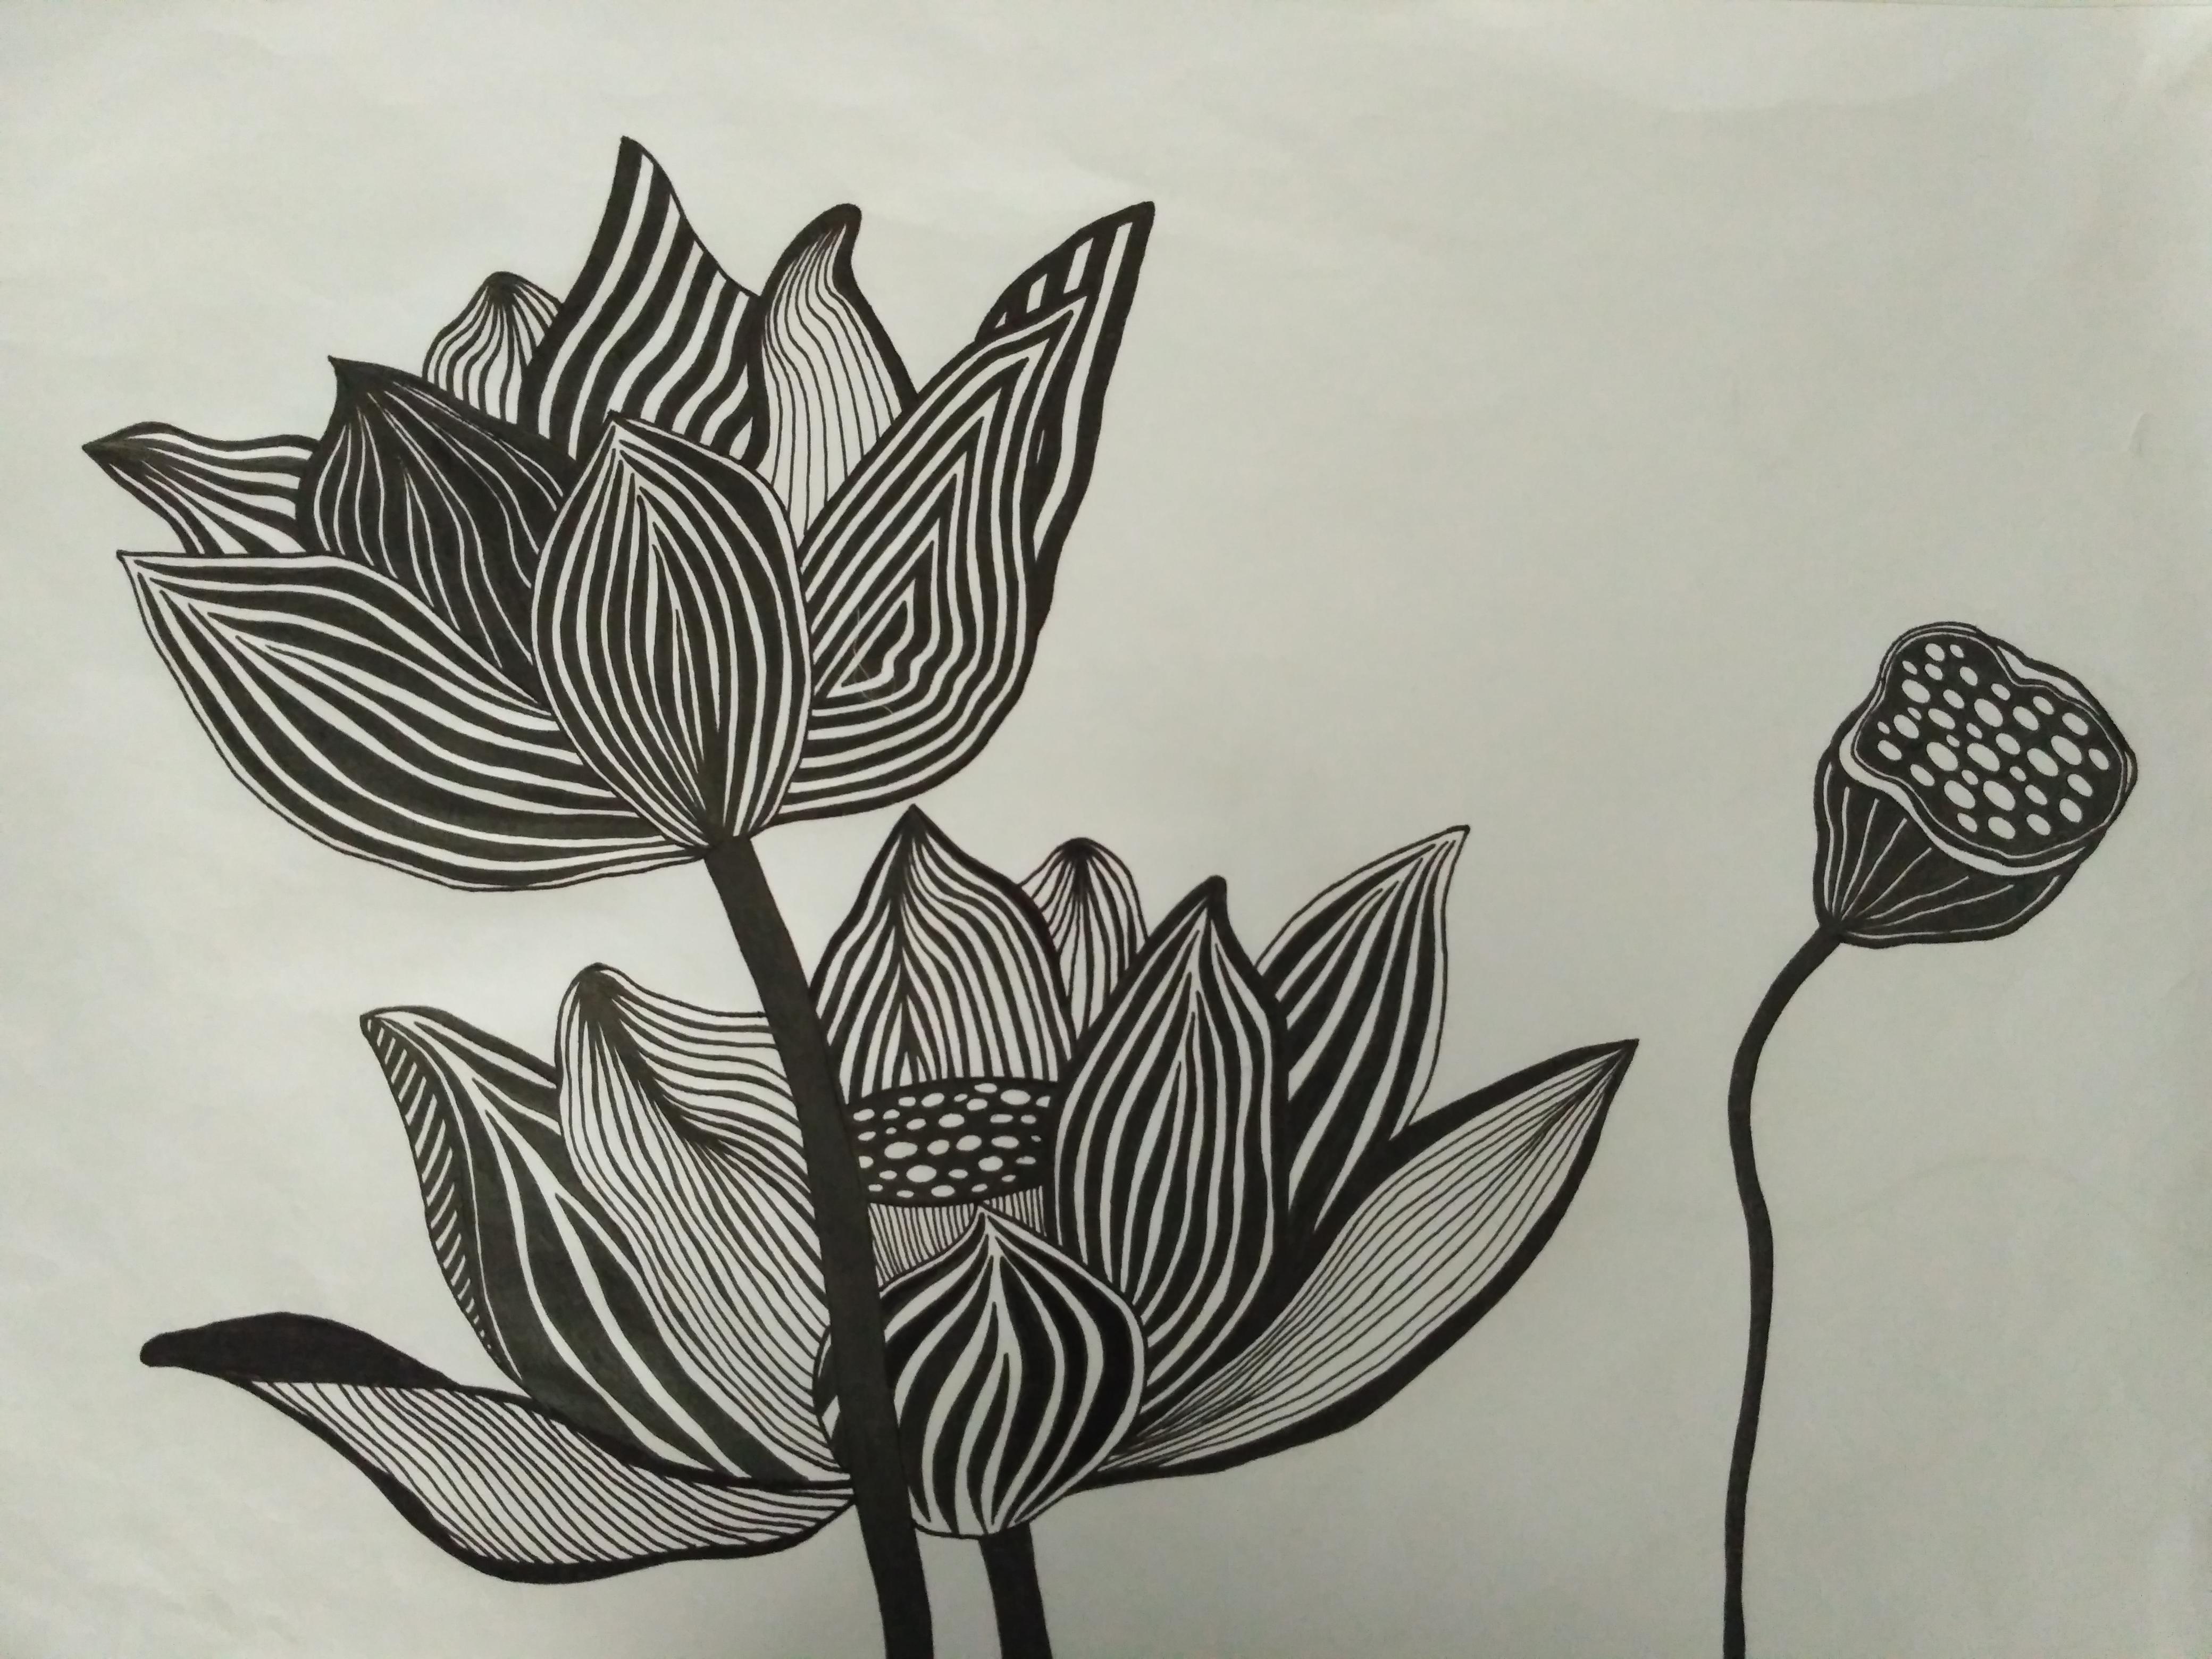 装饰画作业